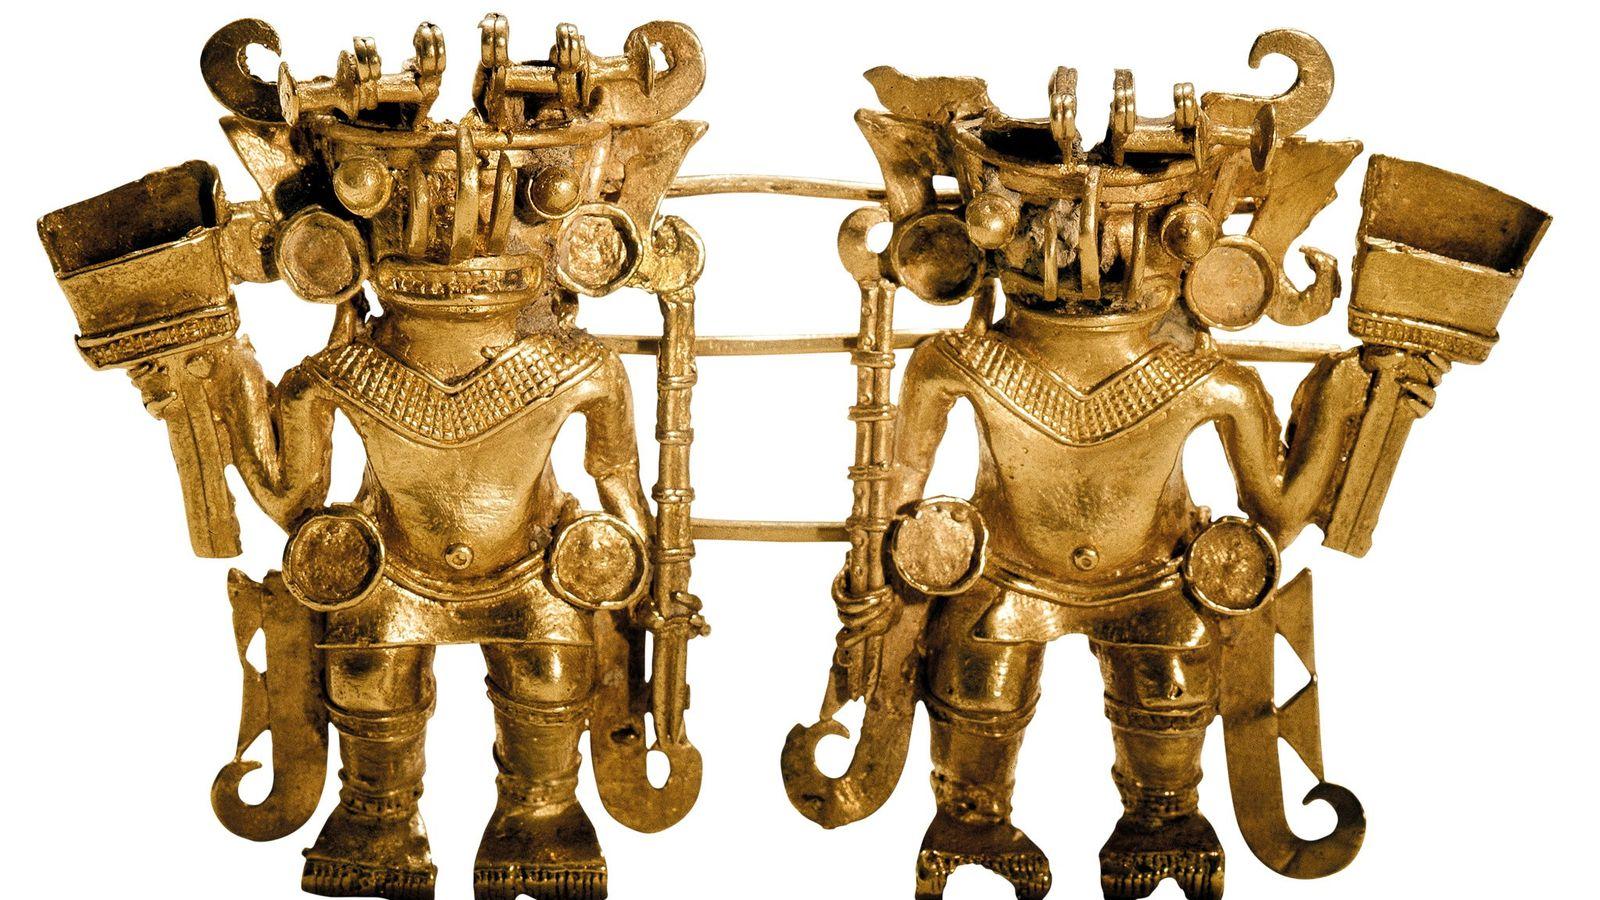 Os gêmeos dourados incorporam a delicadeza e a habilidade manual dos taironas. As figuras de guerreiro ...